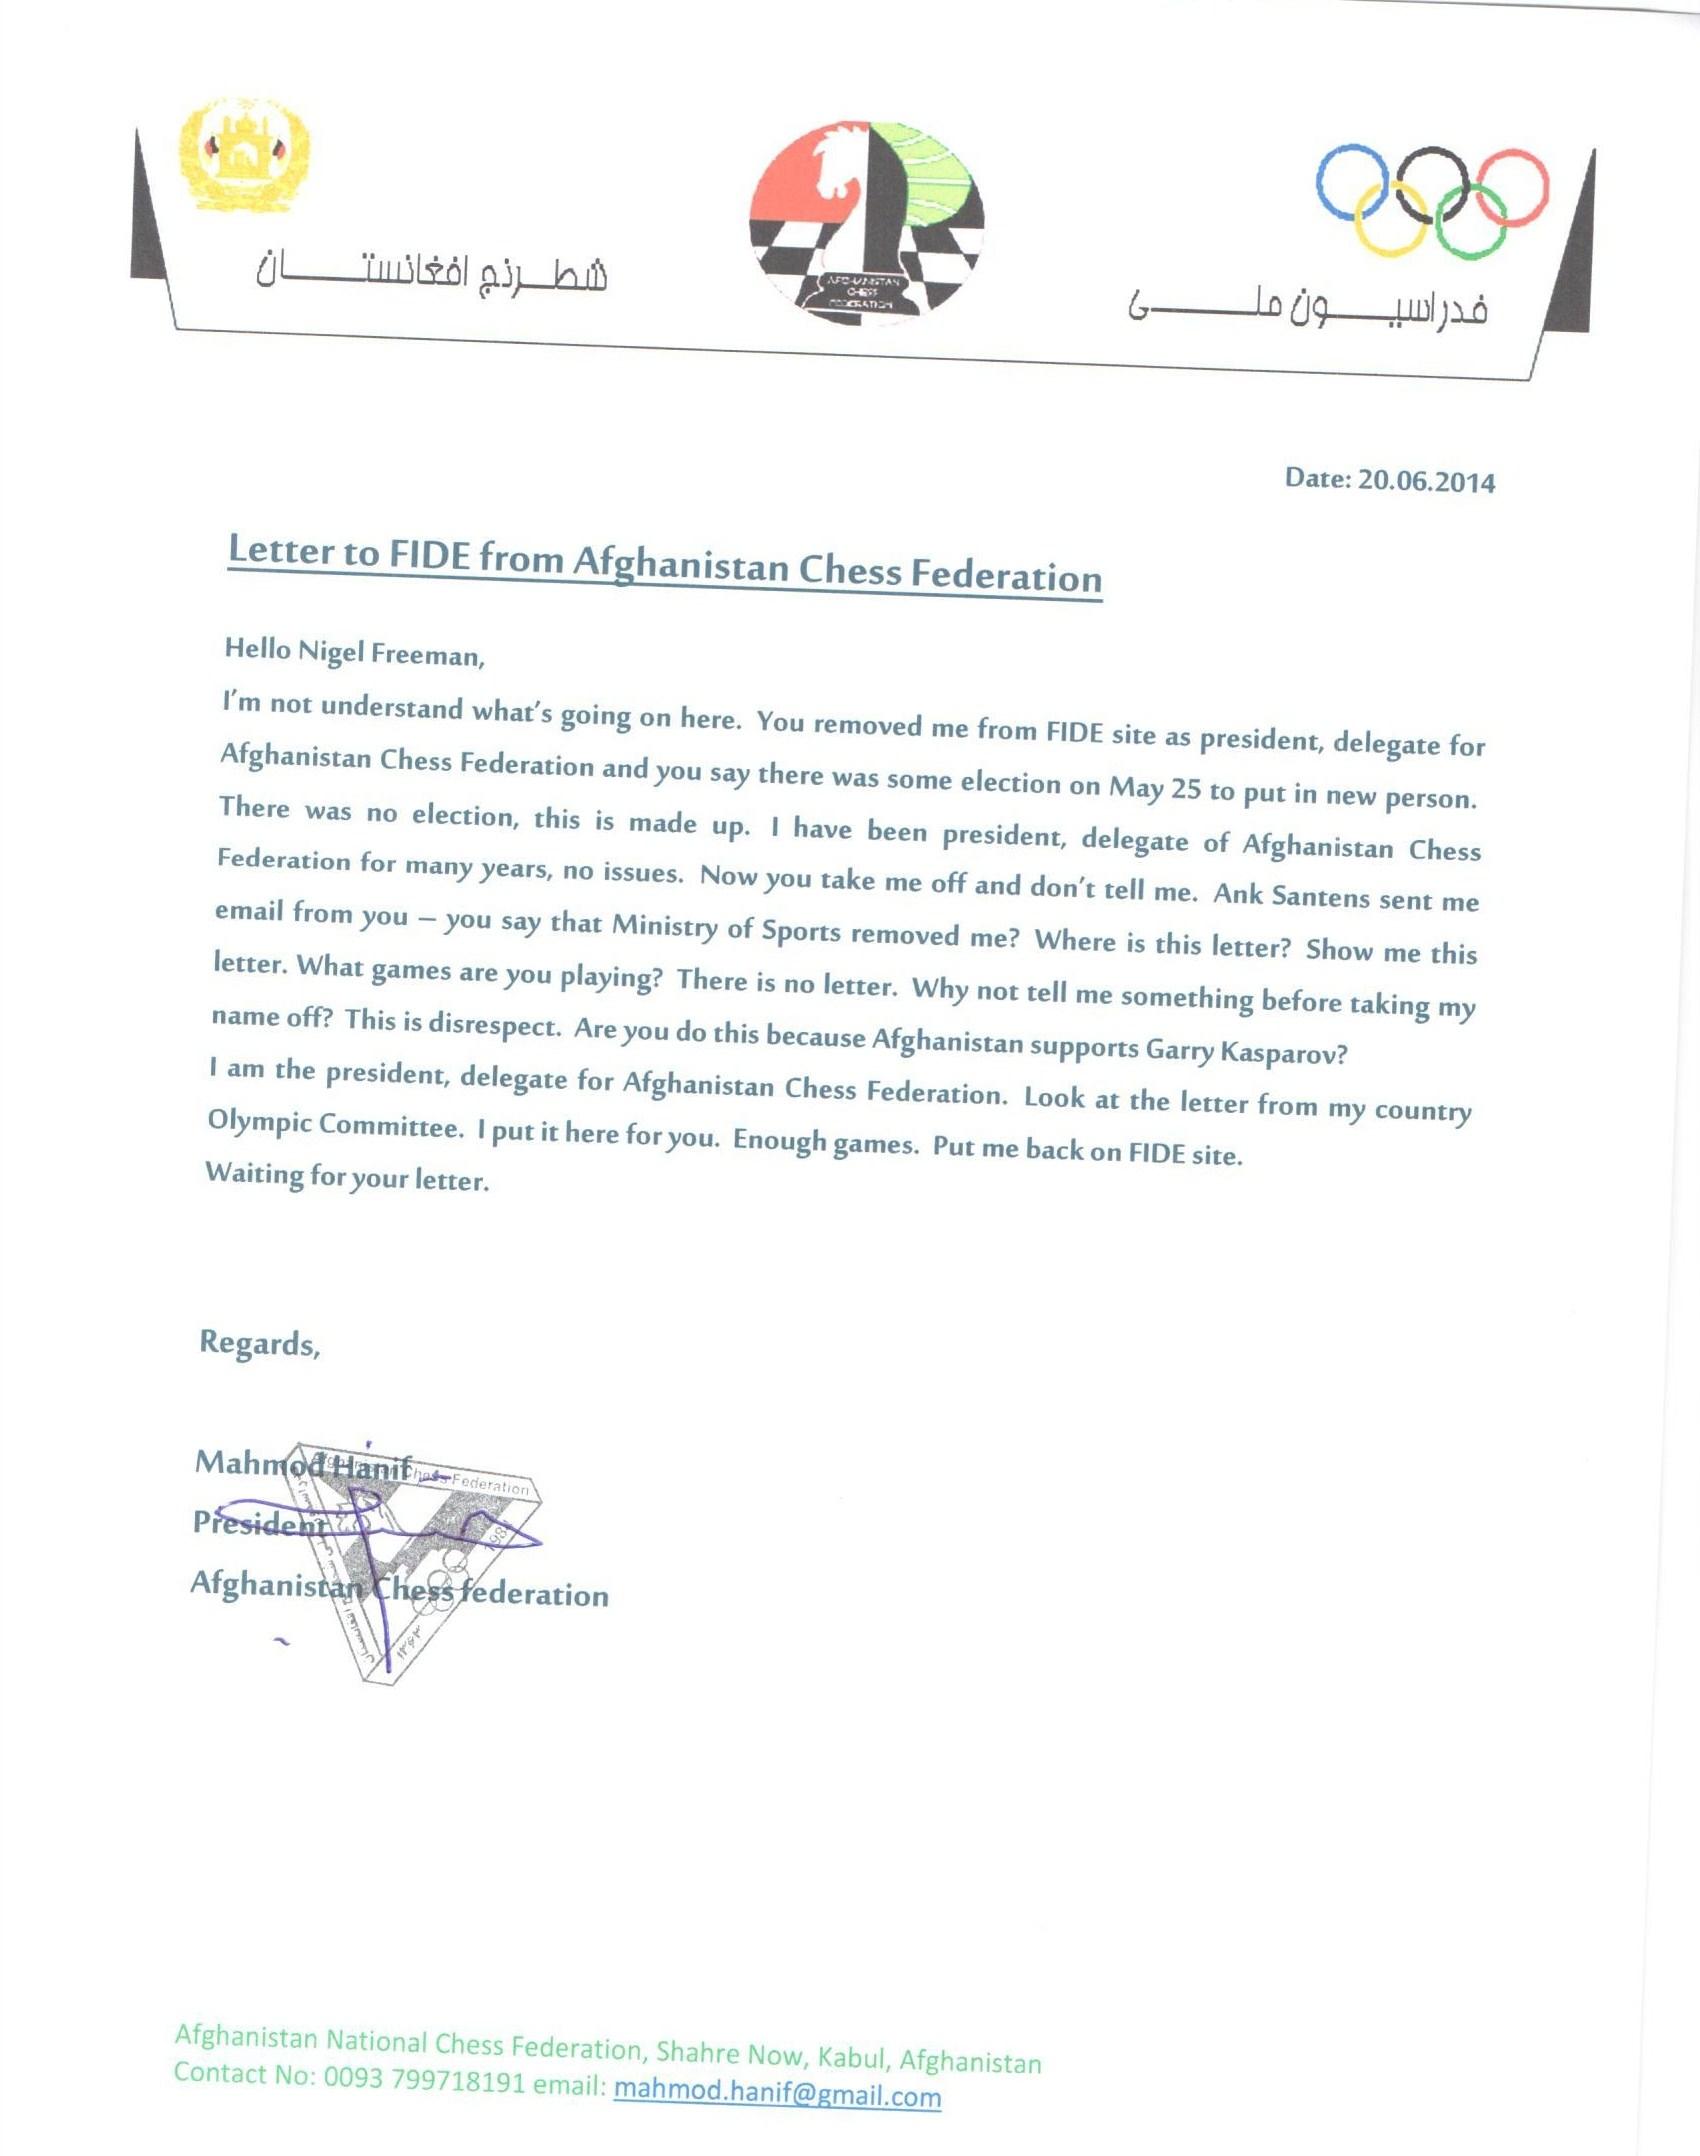 Afghan_Federation_Letter